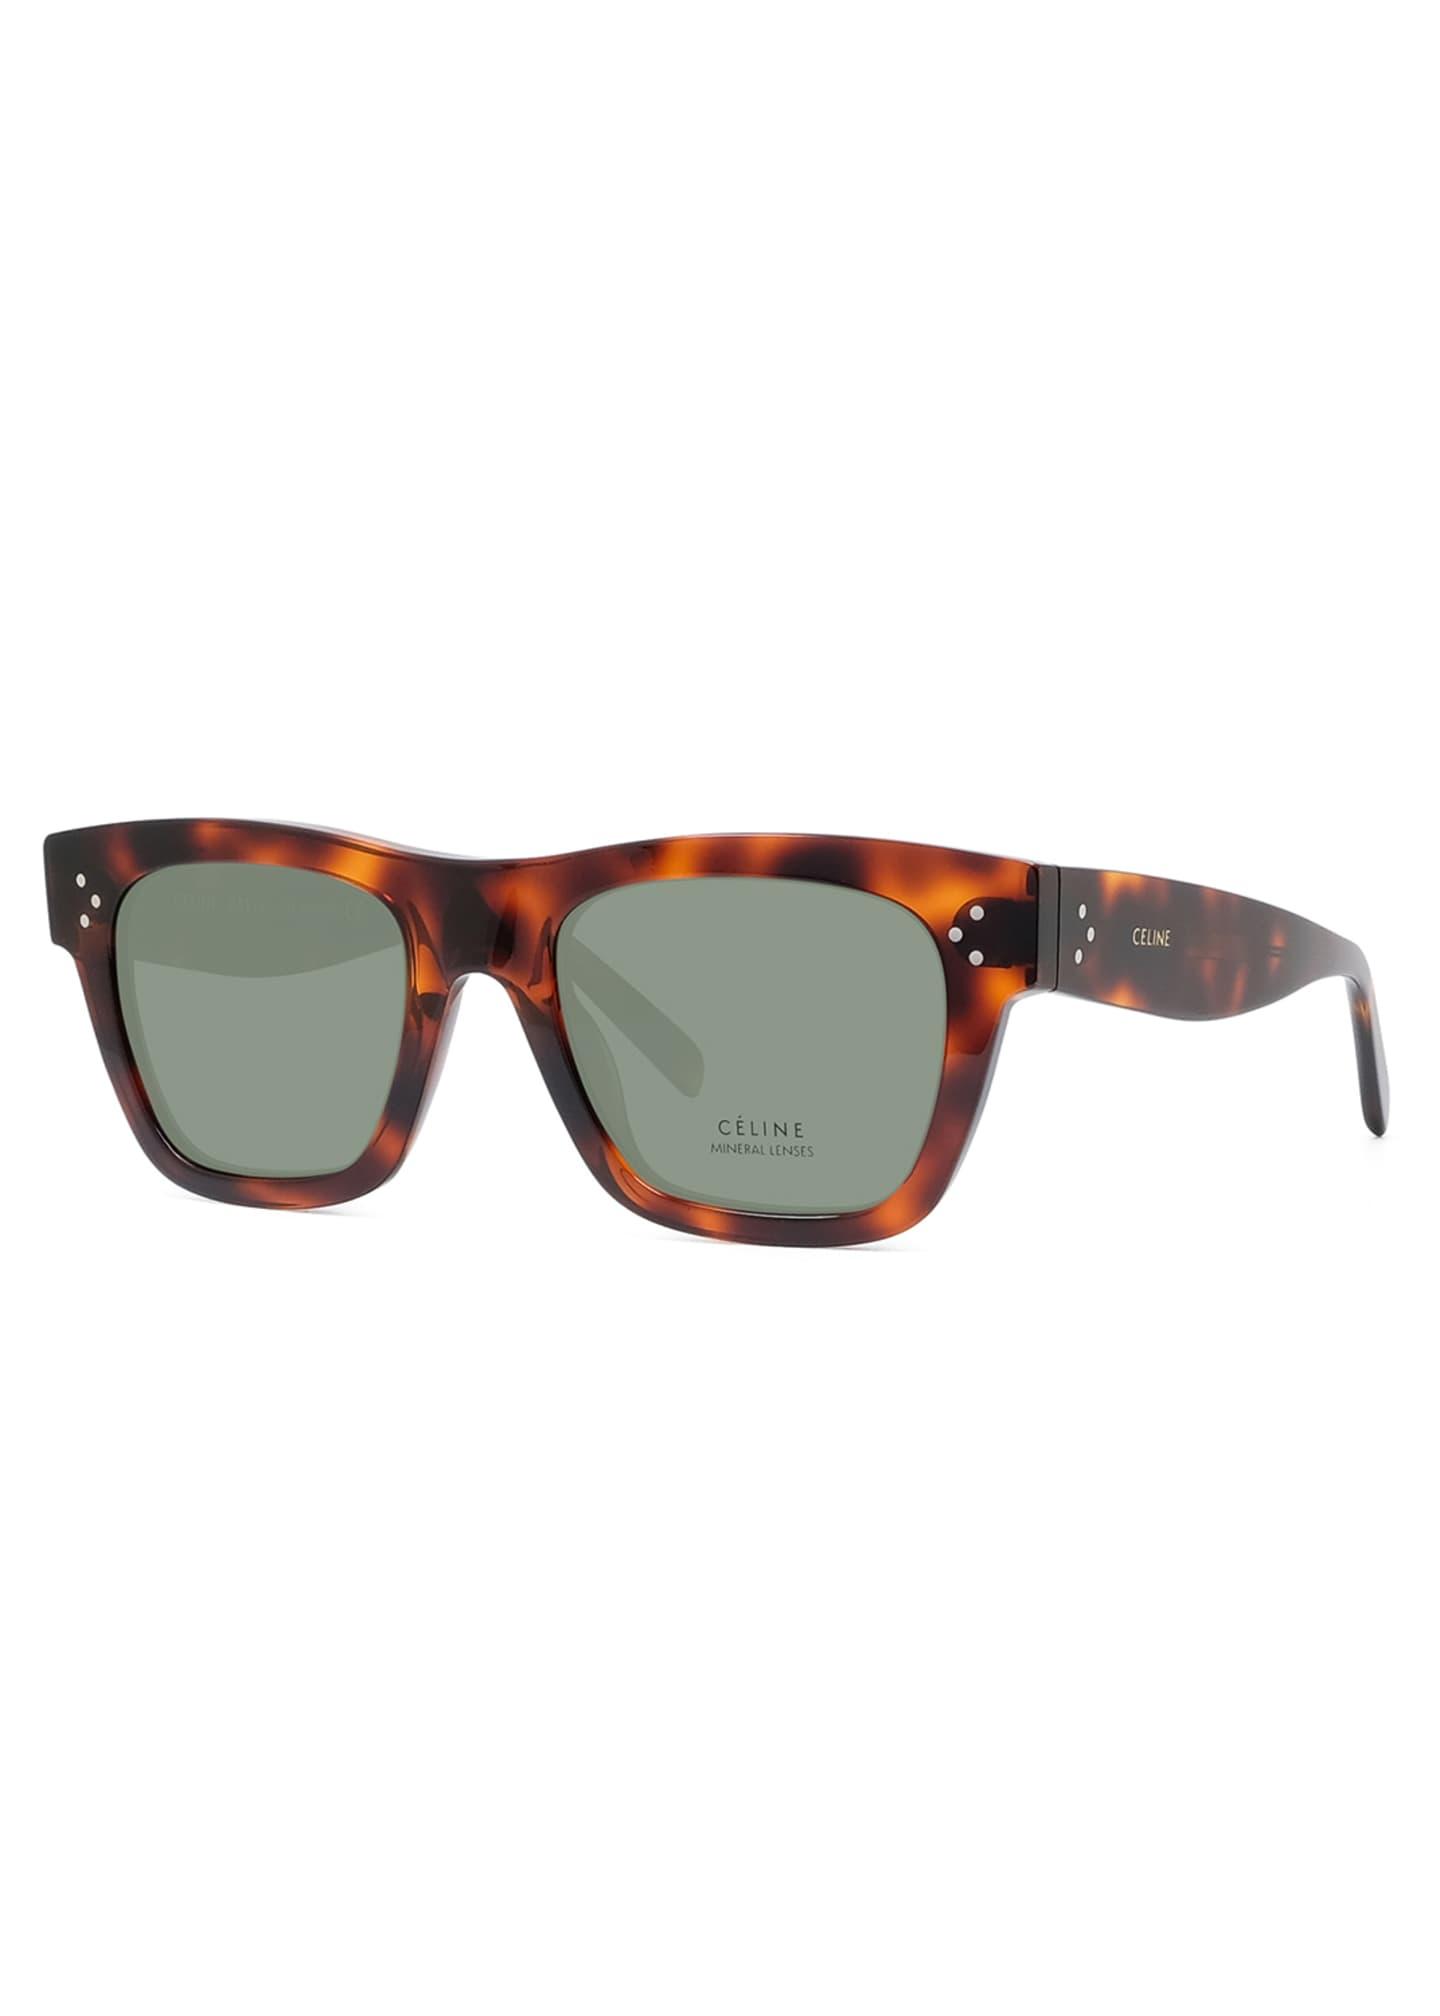 Celine Men's Tortoiseshell Acetate Sunglasses